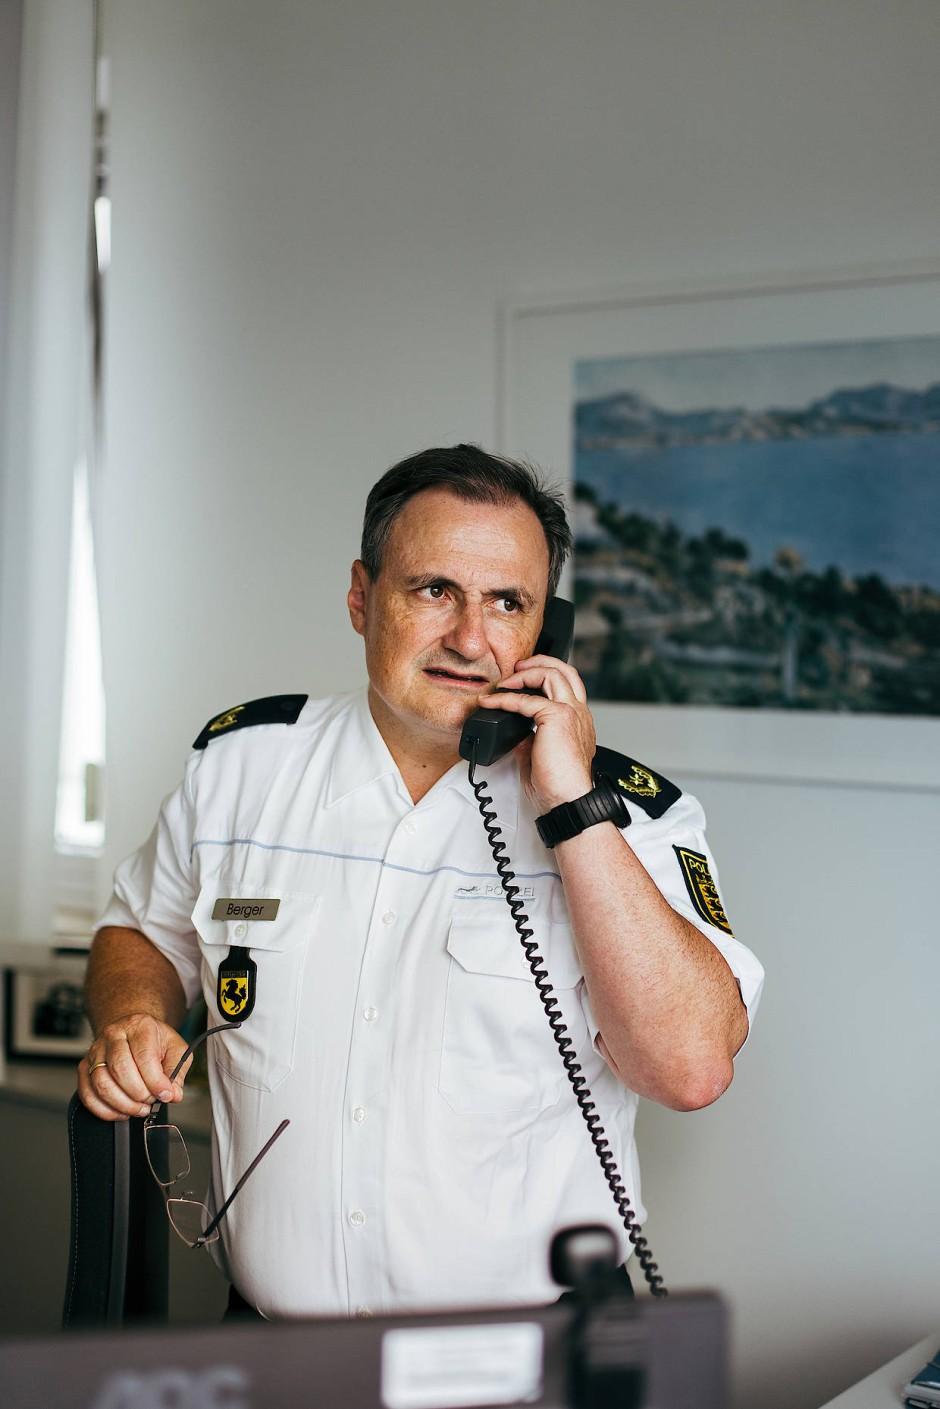 Der stellvertretende Polizeipräsident von Stuttgart und Einsatzleiter während der Ausschreitungen vom vergangenen Samstag, Thomas Berger